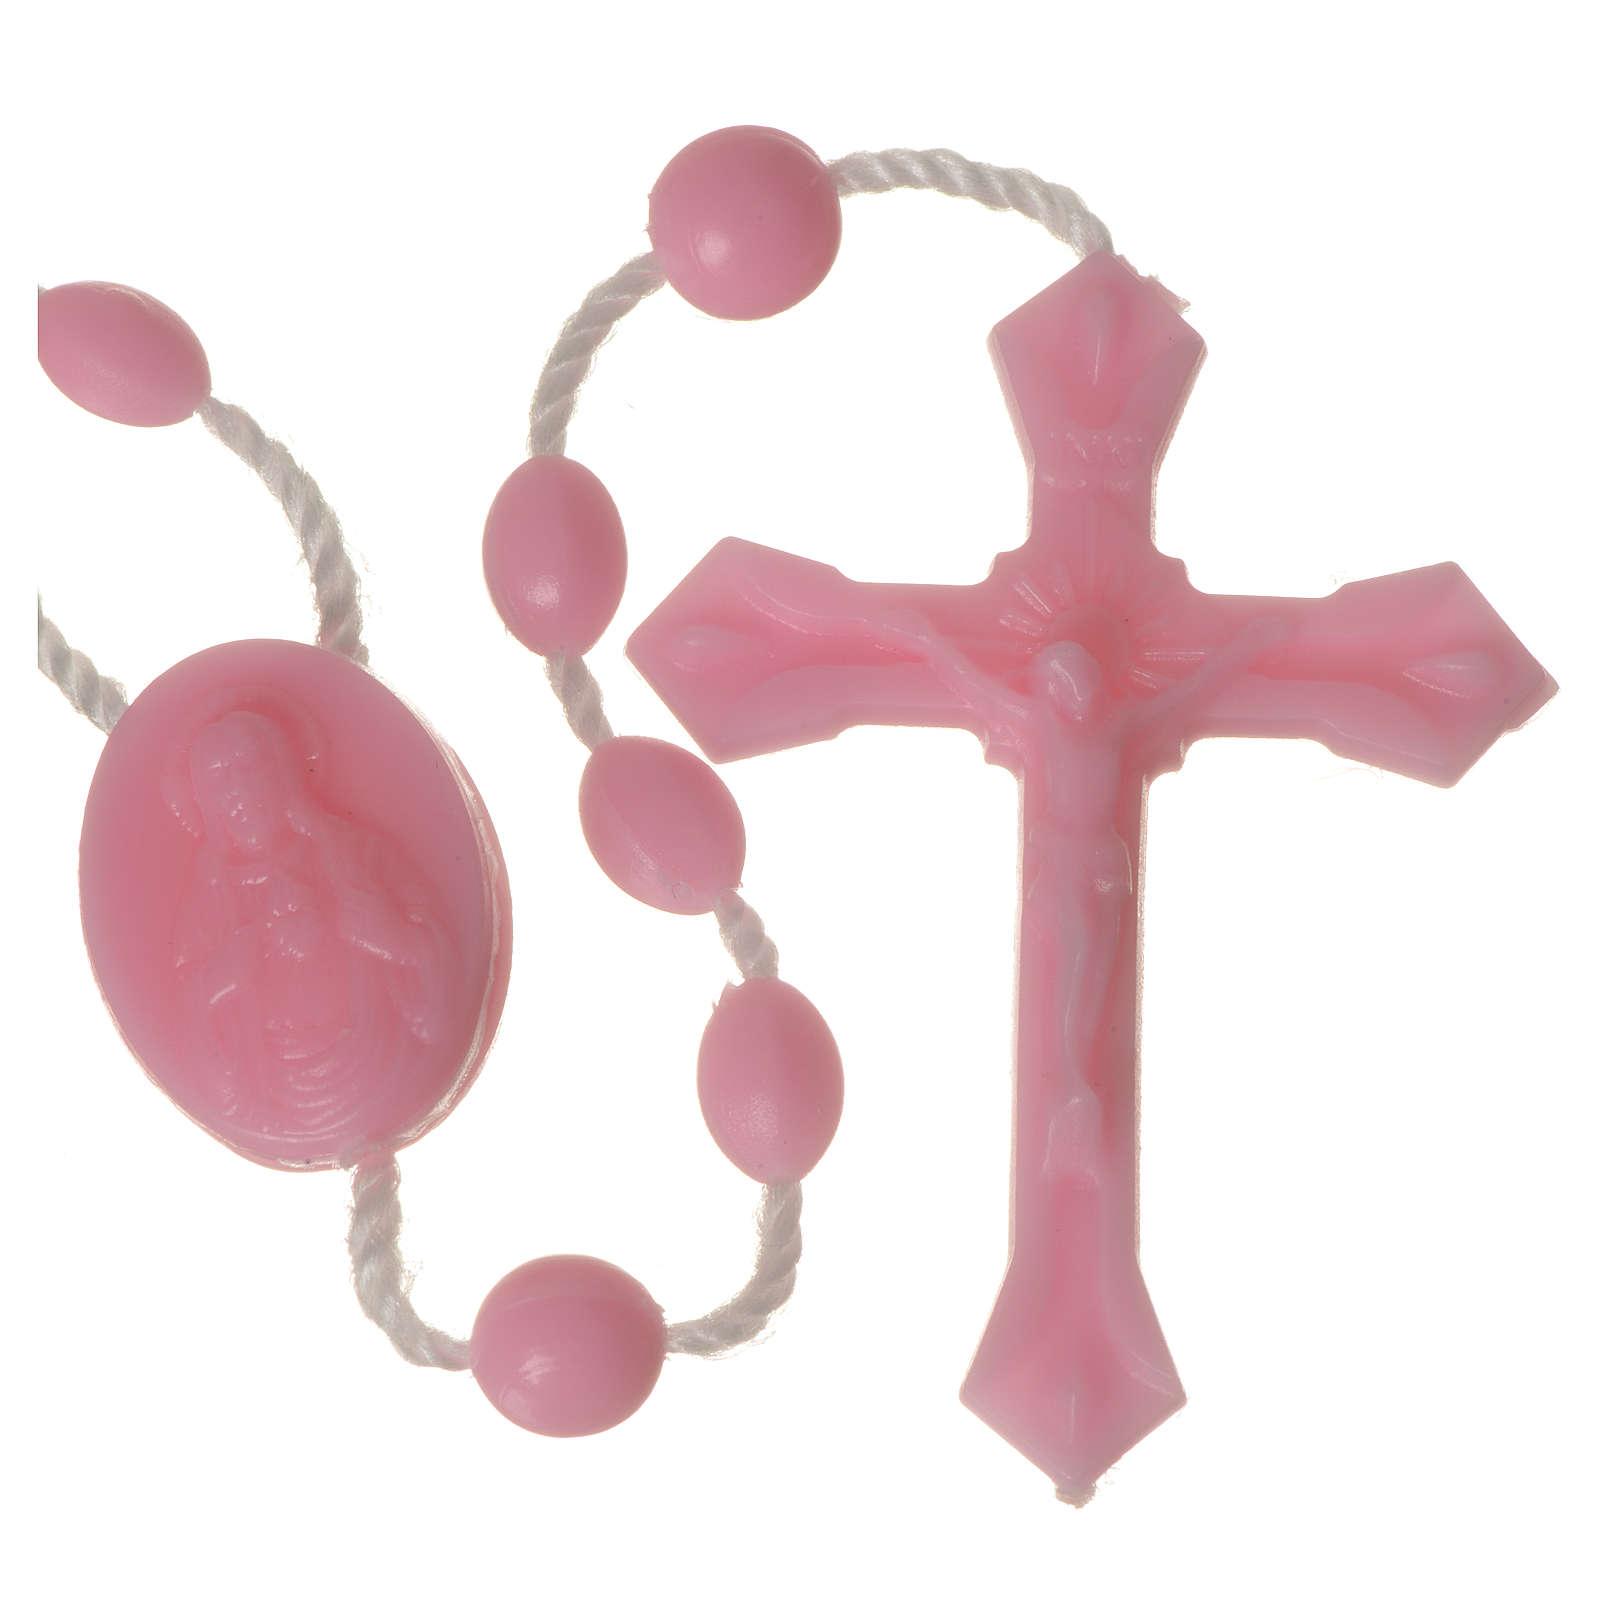 Chapelet nylon rose pièce central ouverture facile 4